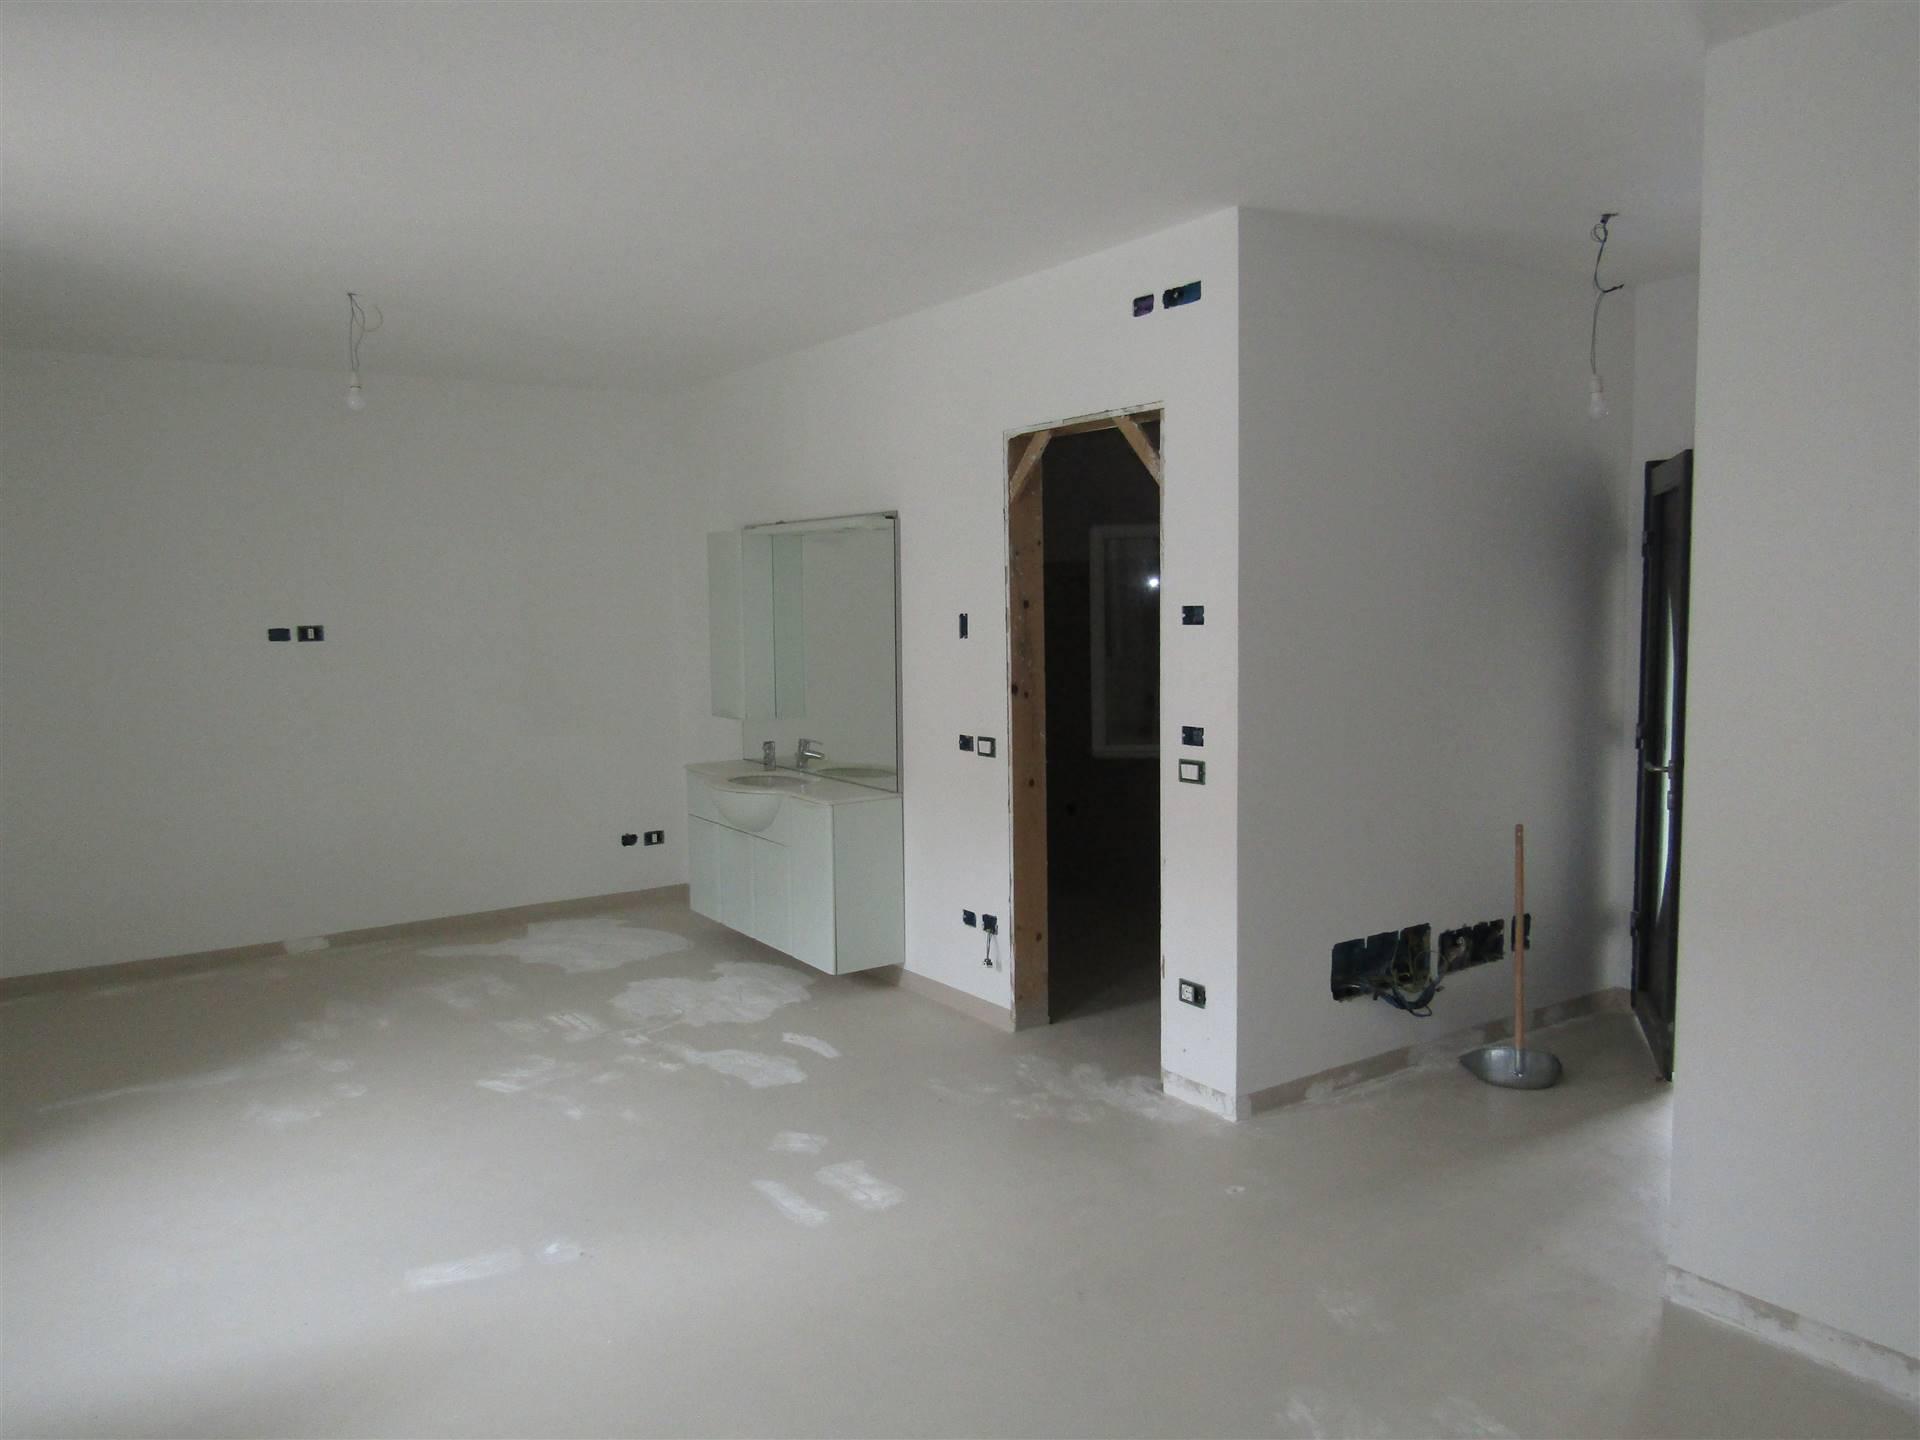 Situata nel centro di BRIANA, frazione di NOALE, proponiamo casa singola con ampio scoperto privato. L'immobile si compone di ingresso da portico